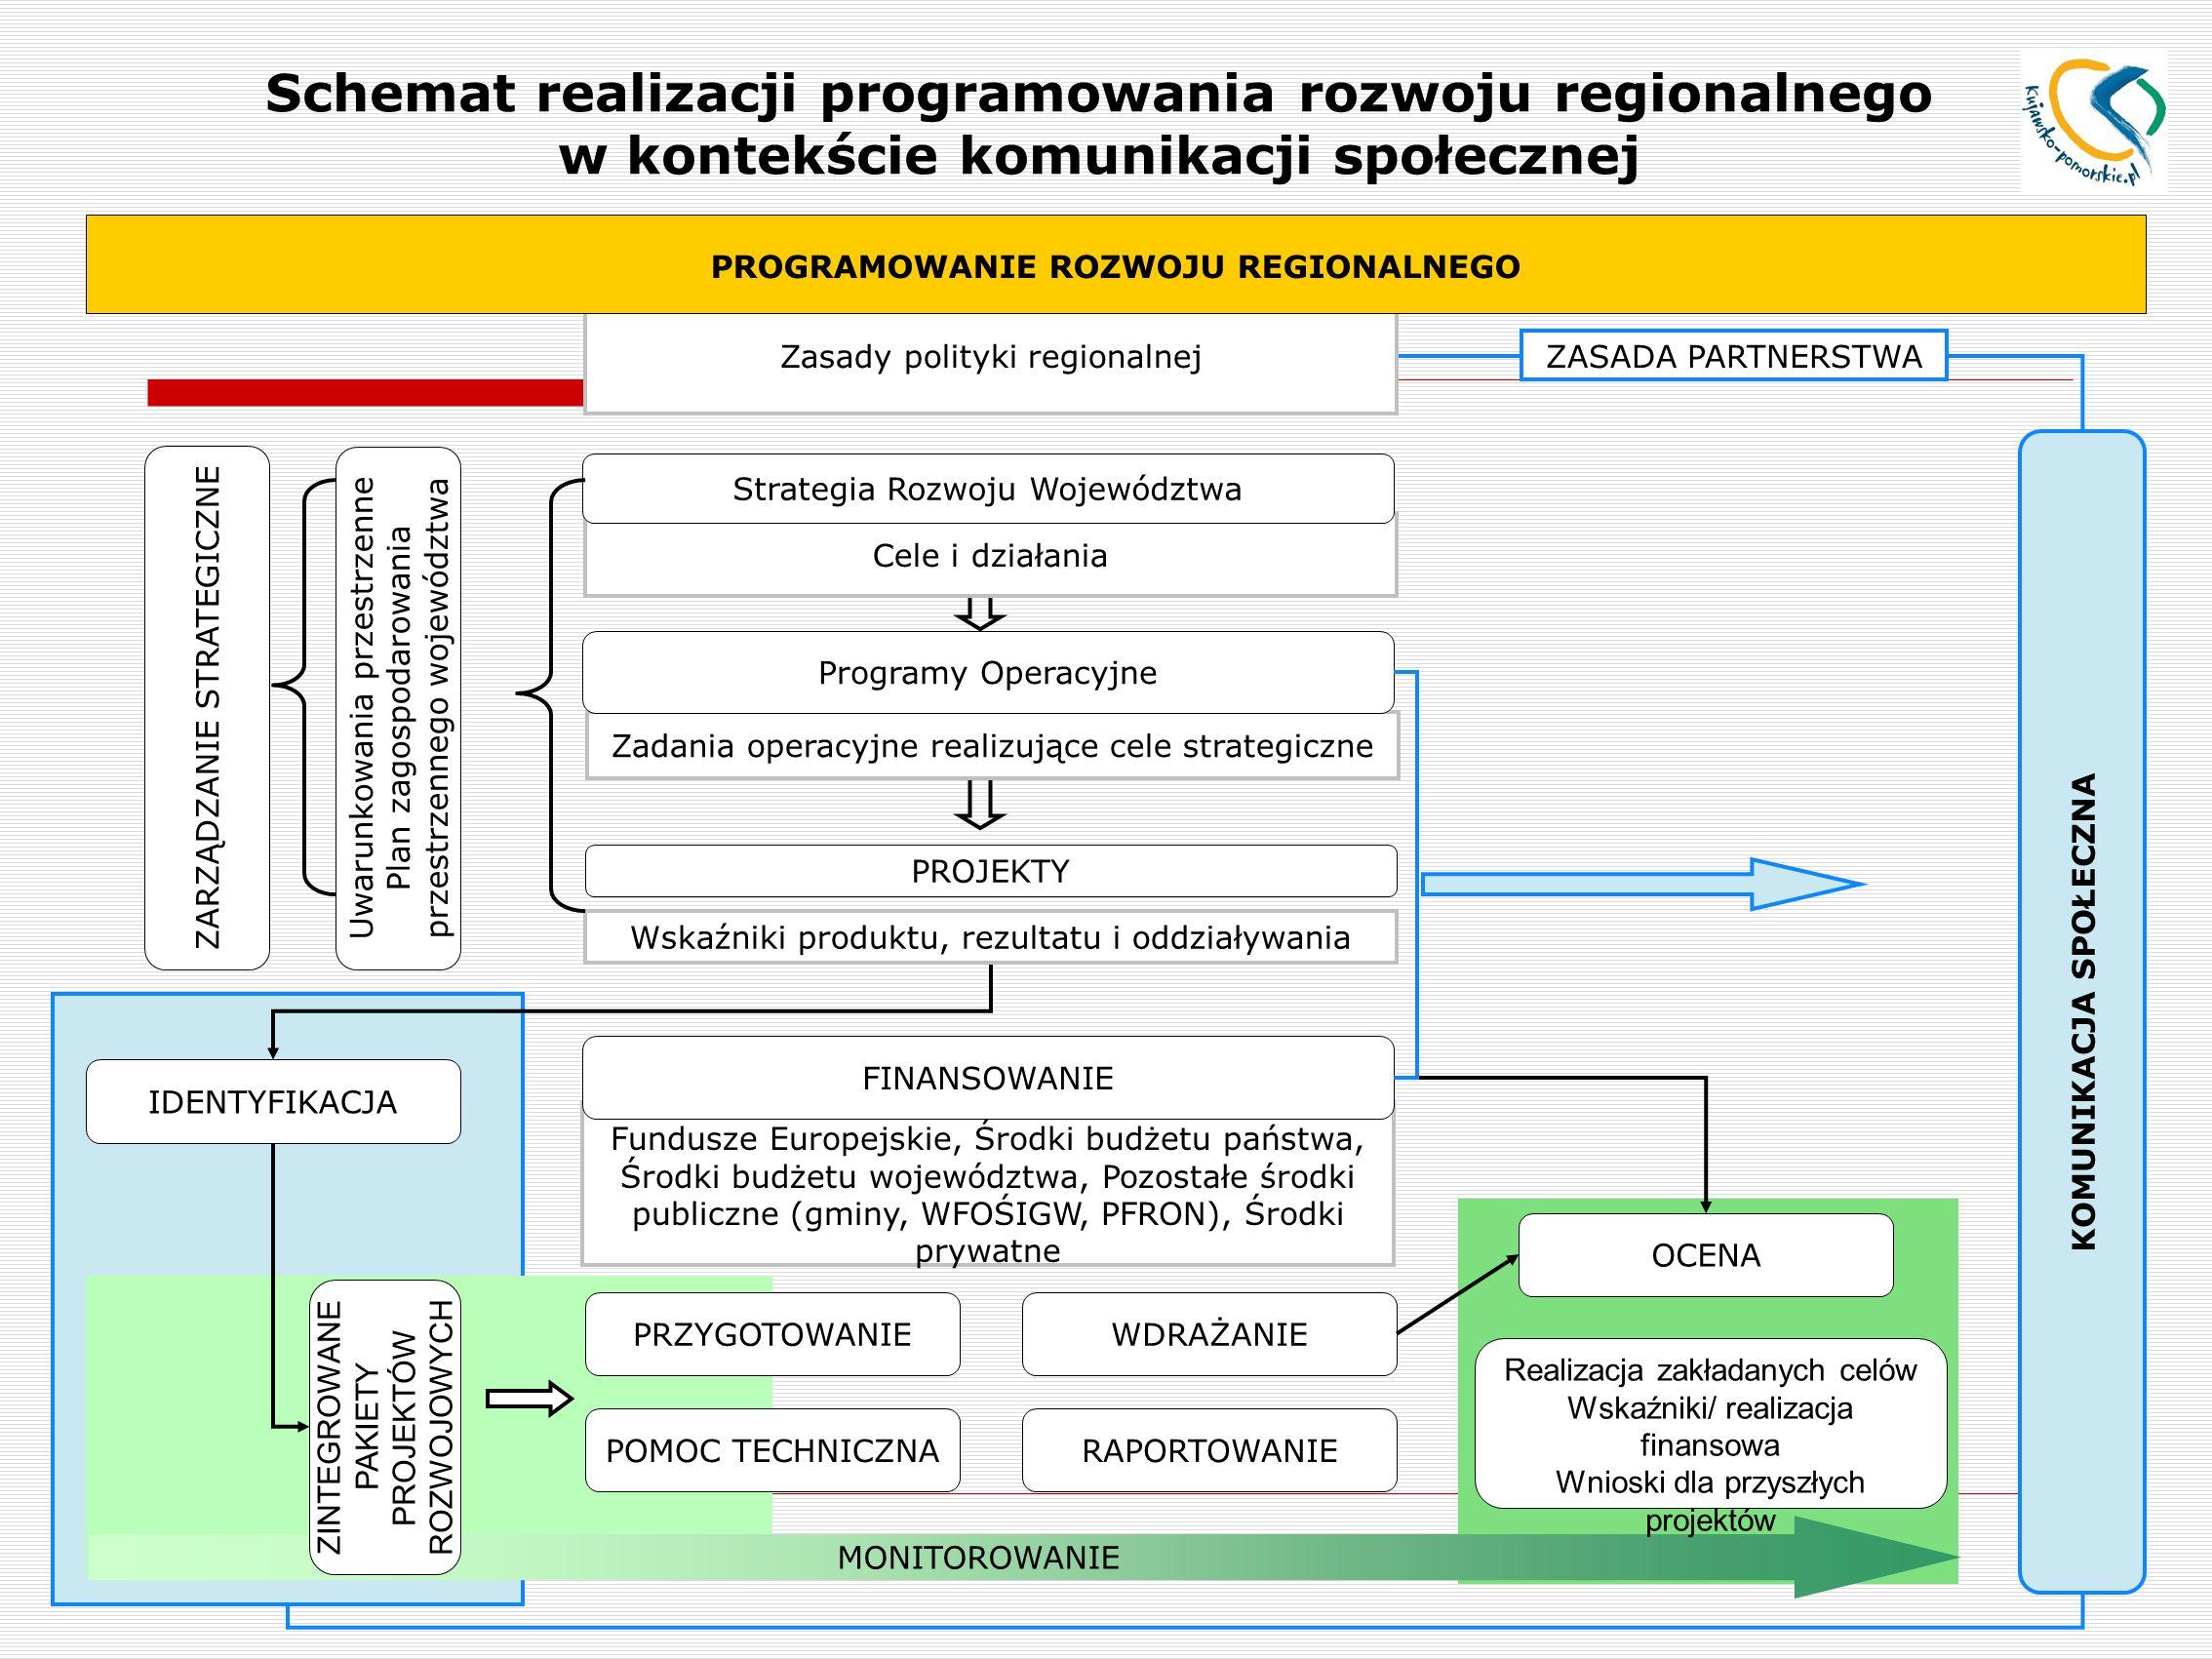 Zadania operacyjne realizujące cele strategiczne Cele i działania Zasady polityki regionalnej PROGRAMOWANIE ROZWOJU REGIONALNEGO Strategia Rozwoju Województwa Programy Operacyjne Wskaźniki produktu, rezultatu i oddziaływania PROJEKTY Fundusze Europejskie, Środki budżetu państwa, Środki budżetu województwa, Pozostałe środki publiczne (gminy, WFOŚIGW, PFRON), Środki prywatne Uwarunkowania przestrzenne Plan zagospodarowania przestrzennego województwa IDENTYFIKACJA FINANSOWANIE ZARZĄDZANIE STRATEGICZNE PRZYGOTOWANIEWDRAŻANIE POMOC TECHNICZNARAPORTOWANIE MONITOROWANIE ZINTEGROWANE PAKIETY PROJEKTÓW ROZWOJOWYCH OCENA Realizacja zakładanych celów Wskaźniki/ realizacja finansowa Wnioski dla przyszłych projektów KOMUNIKACJA SPOŁECZNA ZASADA PARTNERSTWA Schemat realizacji programowania rozwoju regionalnego w kontekście komunikacji społecznej